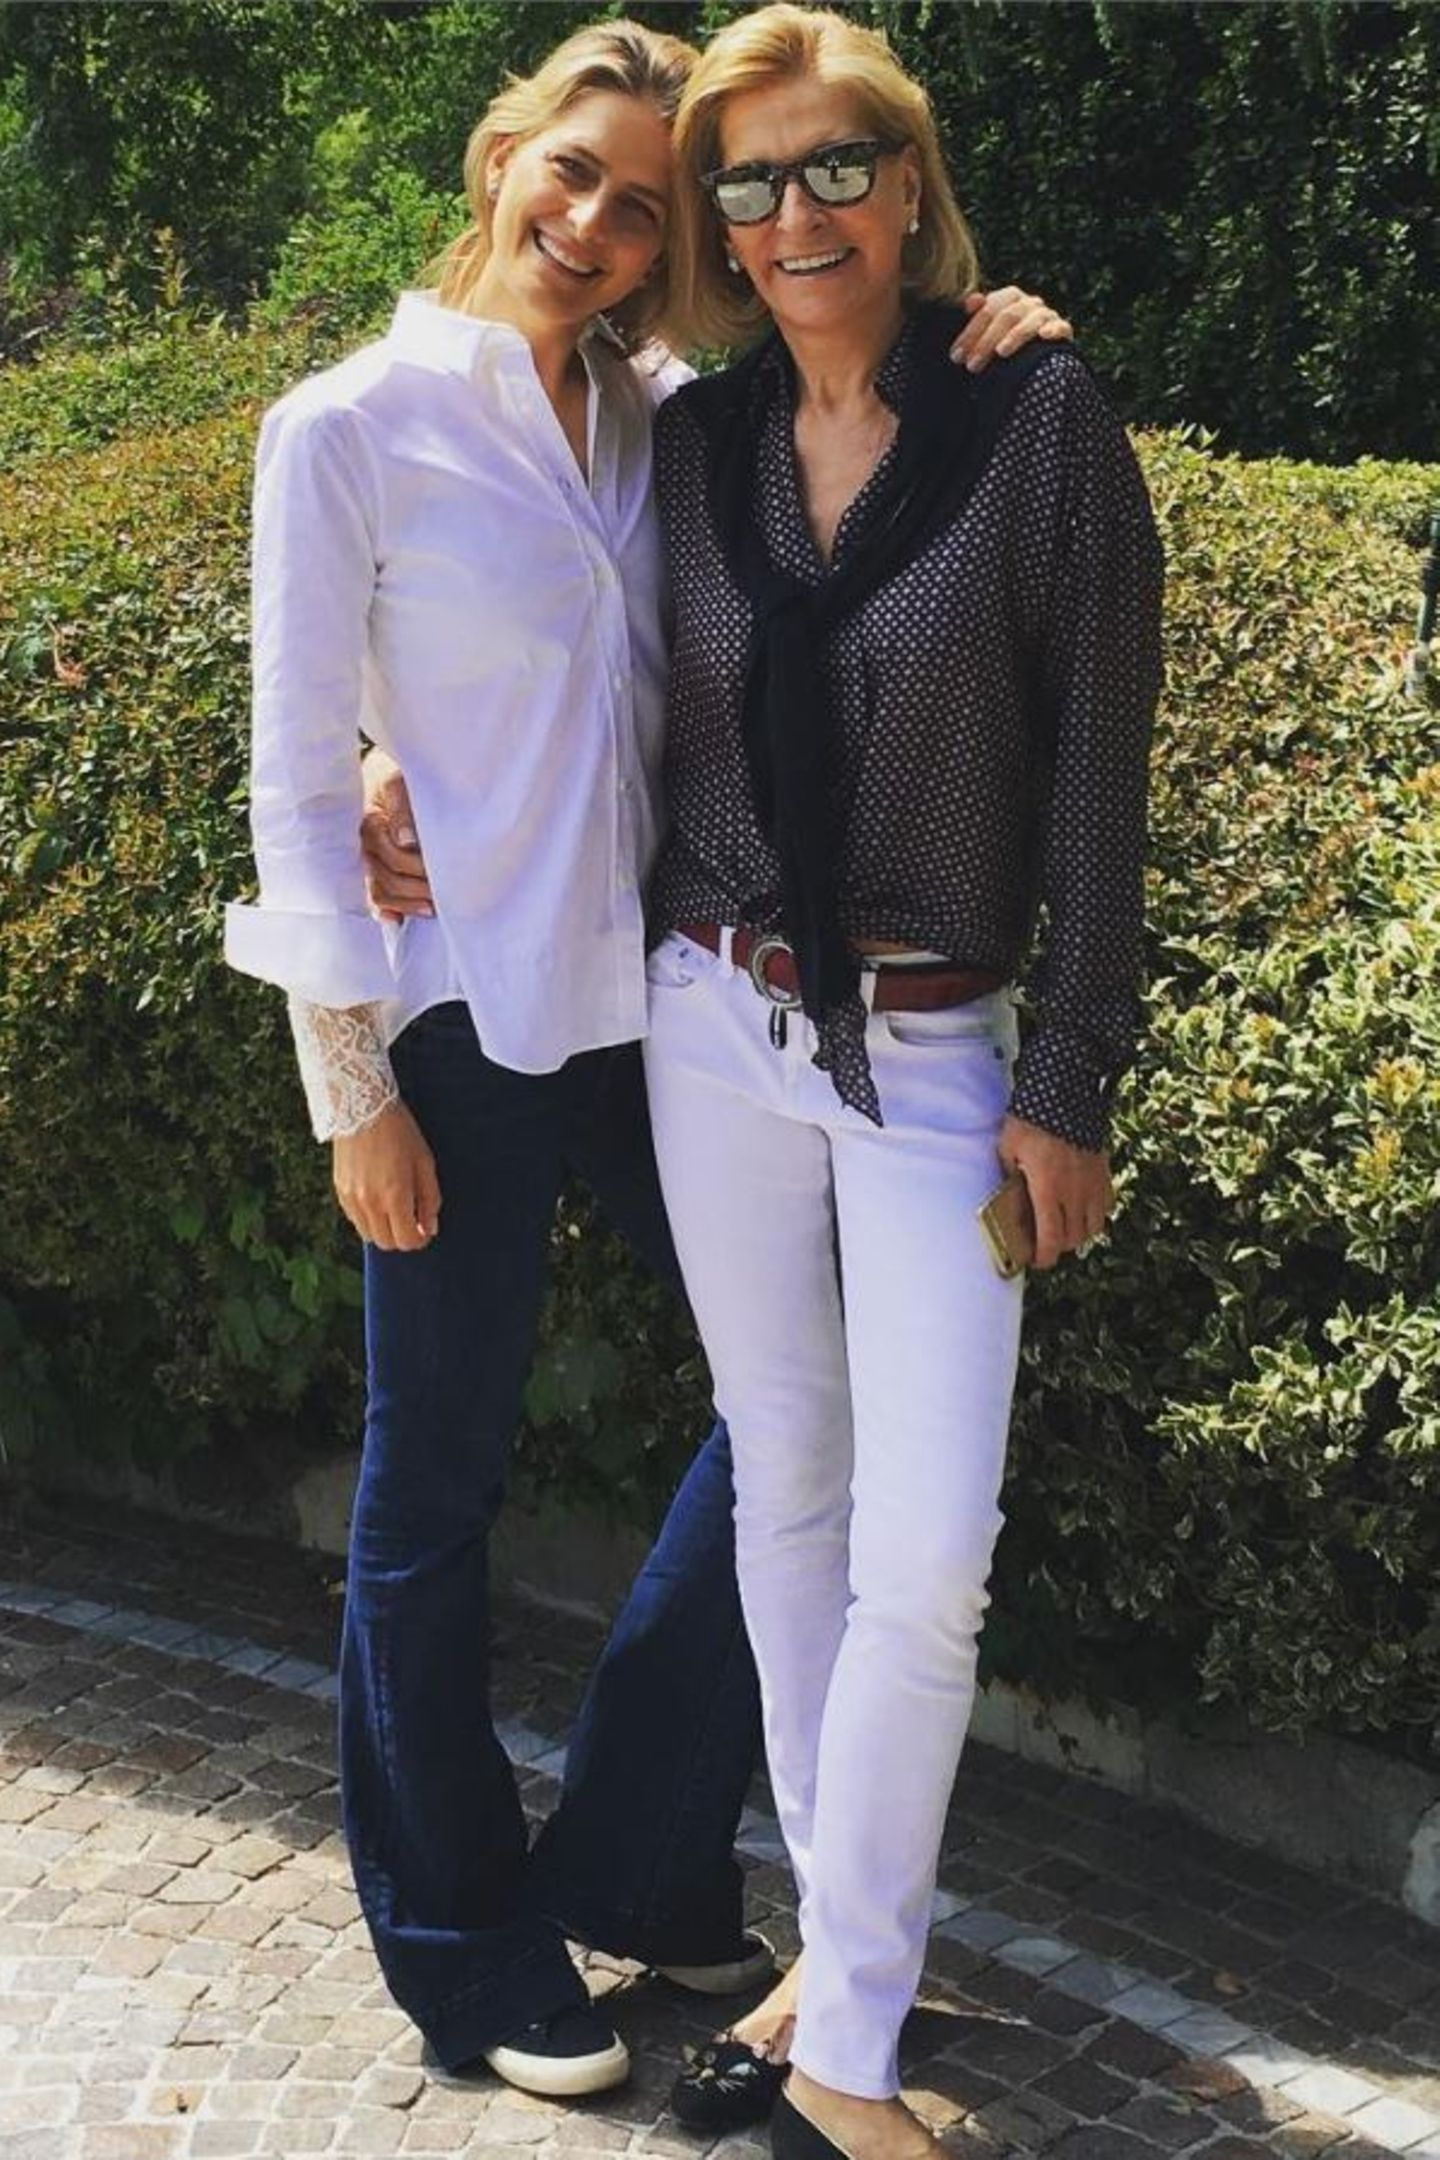 Ihr Stil ist unbeschwert, boho-inspiriert und von ihrem Jetset-Leben stark beeinflusst. Hier posiert Tatjana mit ihrer Mutter Marie Blanche Bierlein.